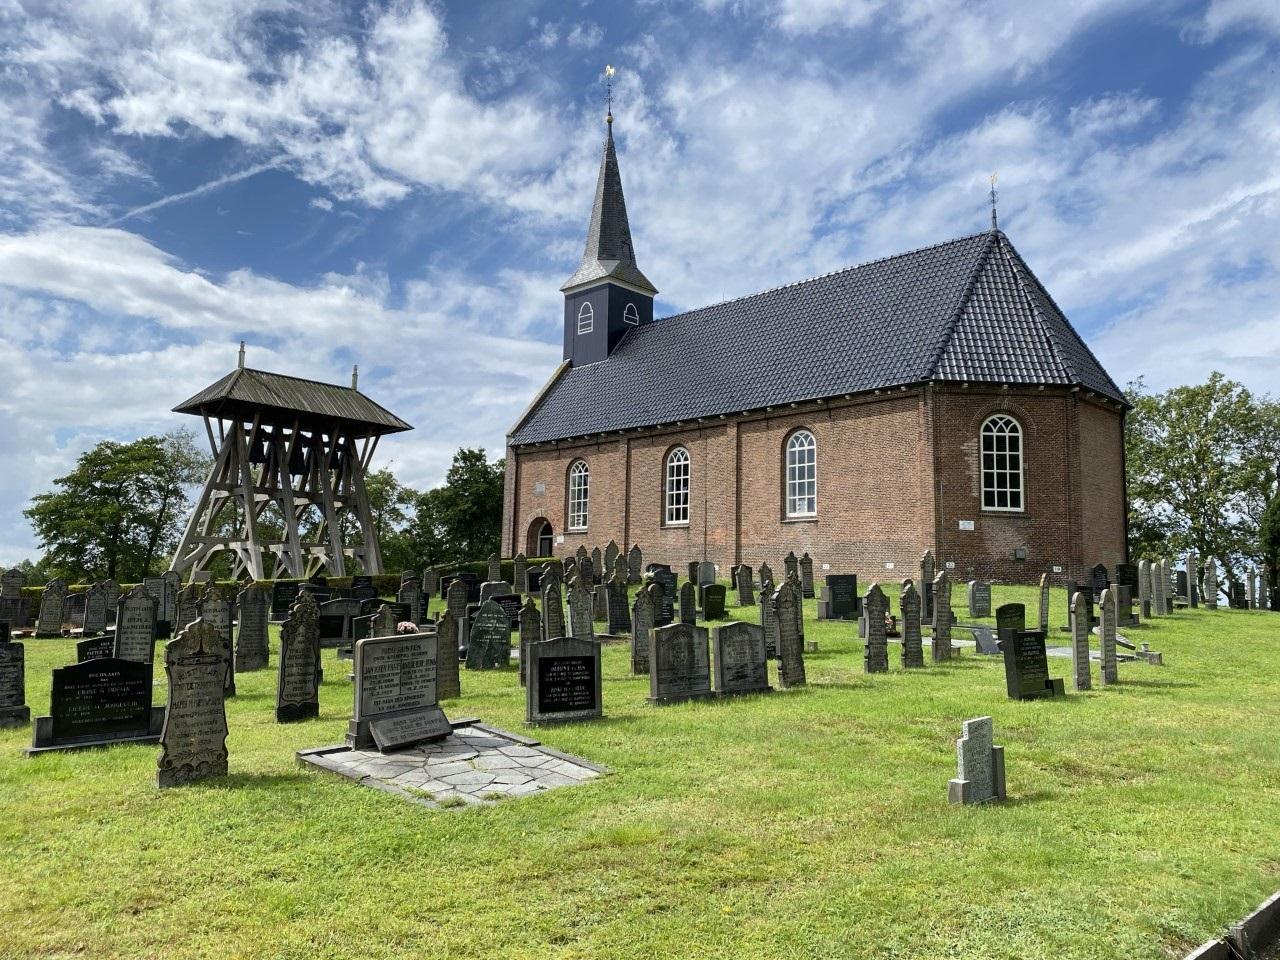 Kerk Weinjeterp hervormde kerk Wijnjewoude